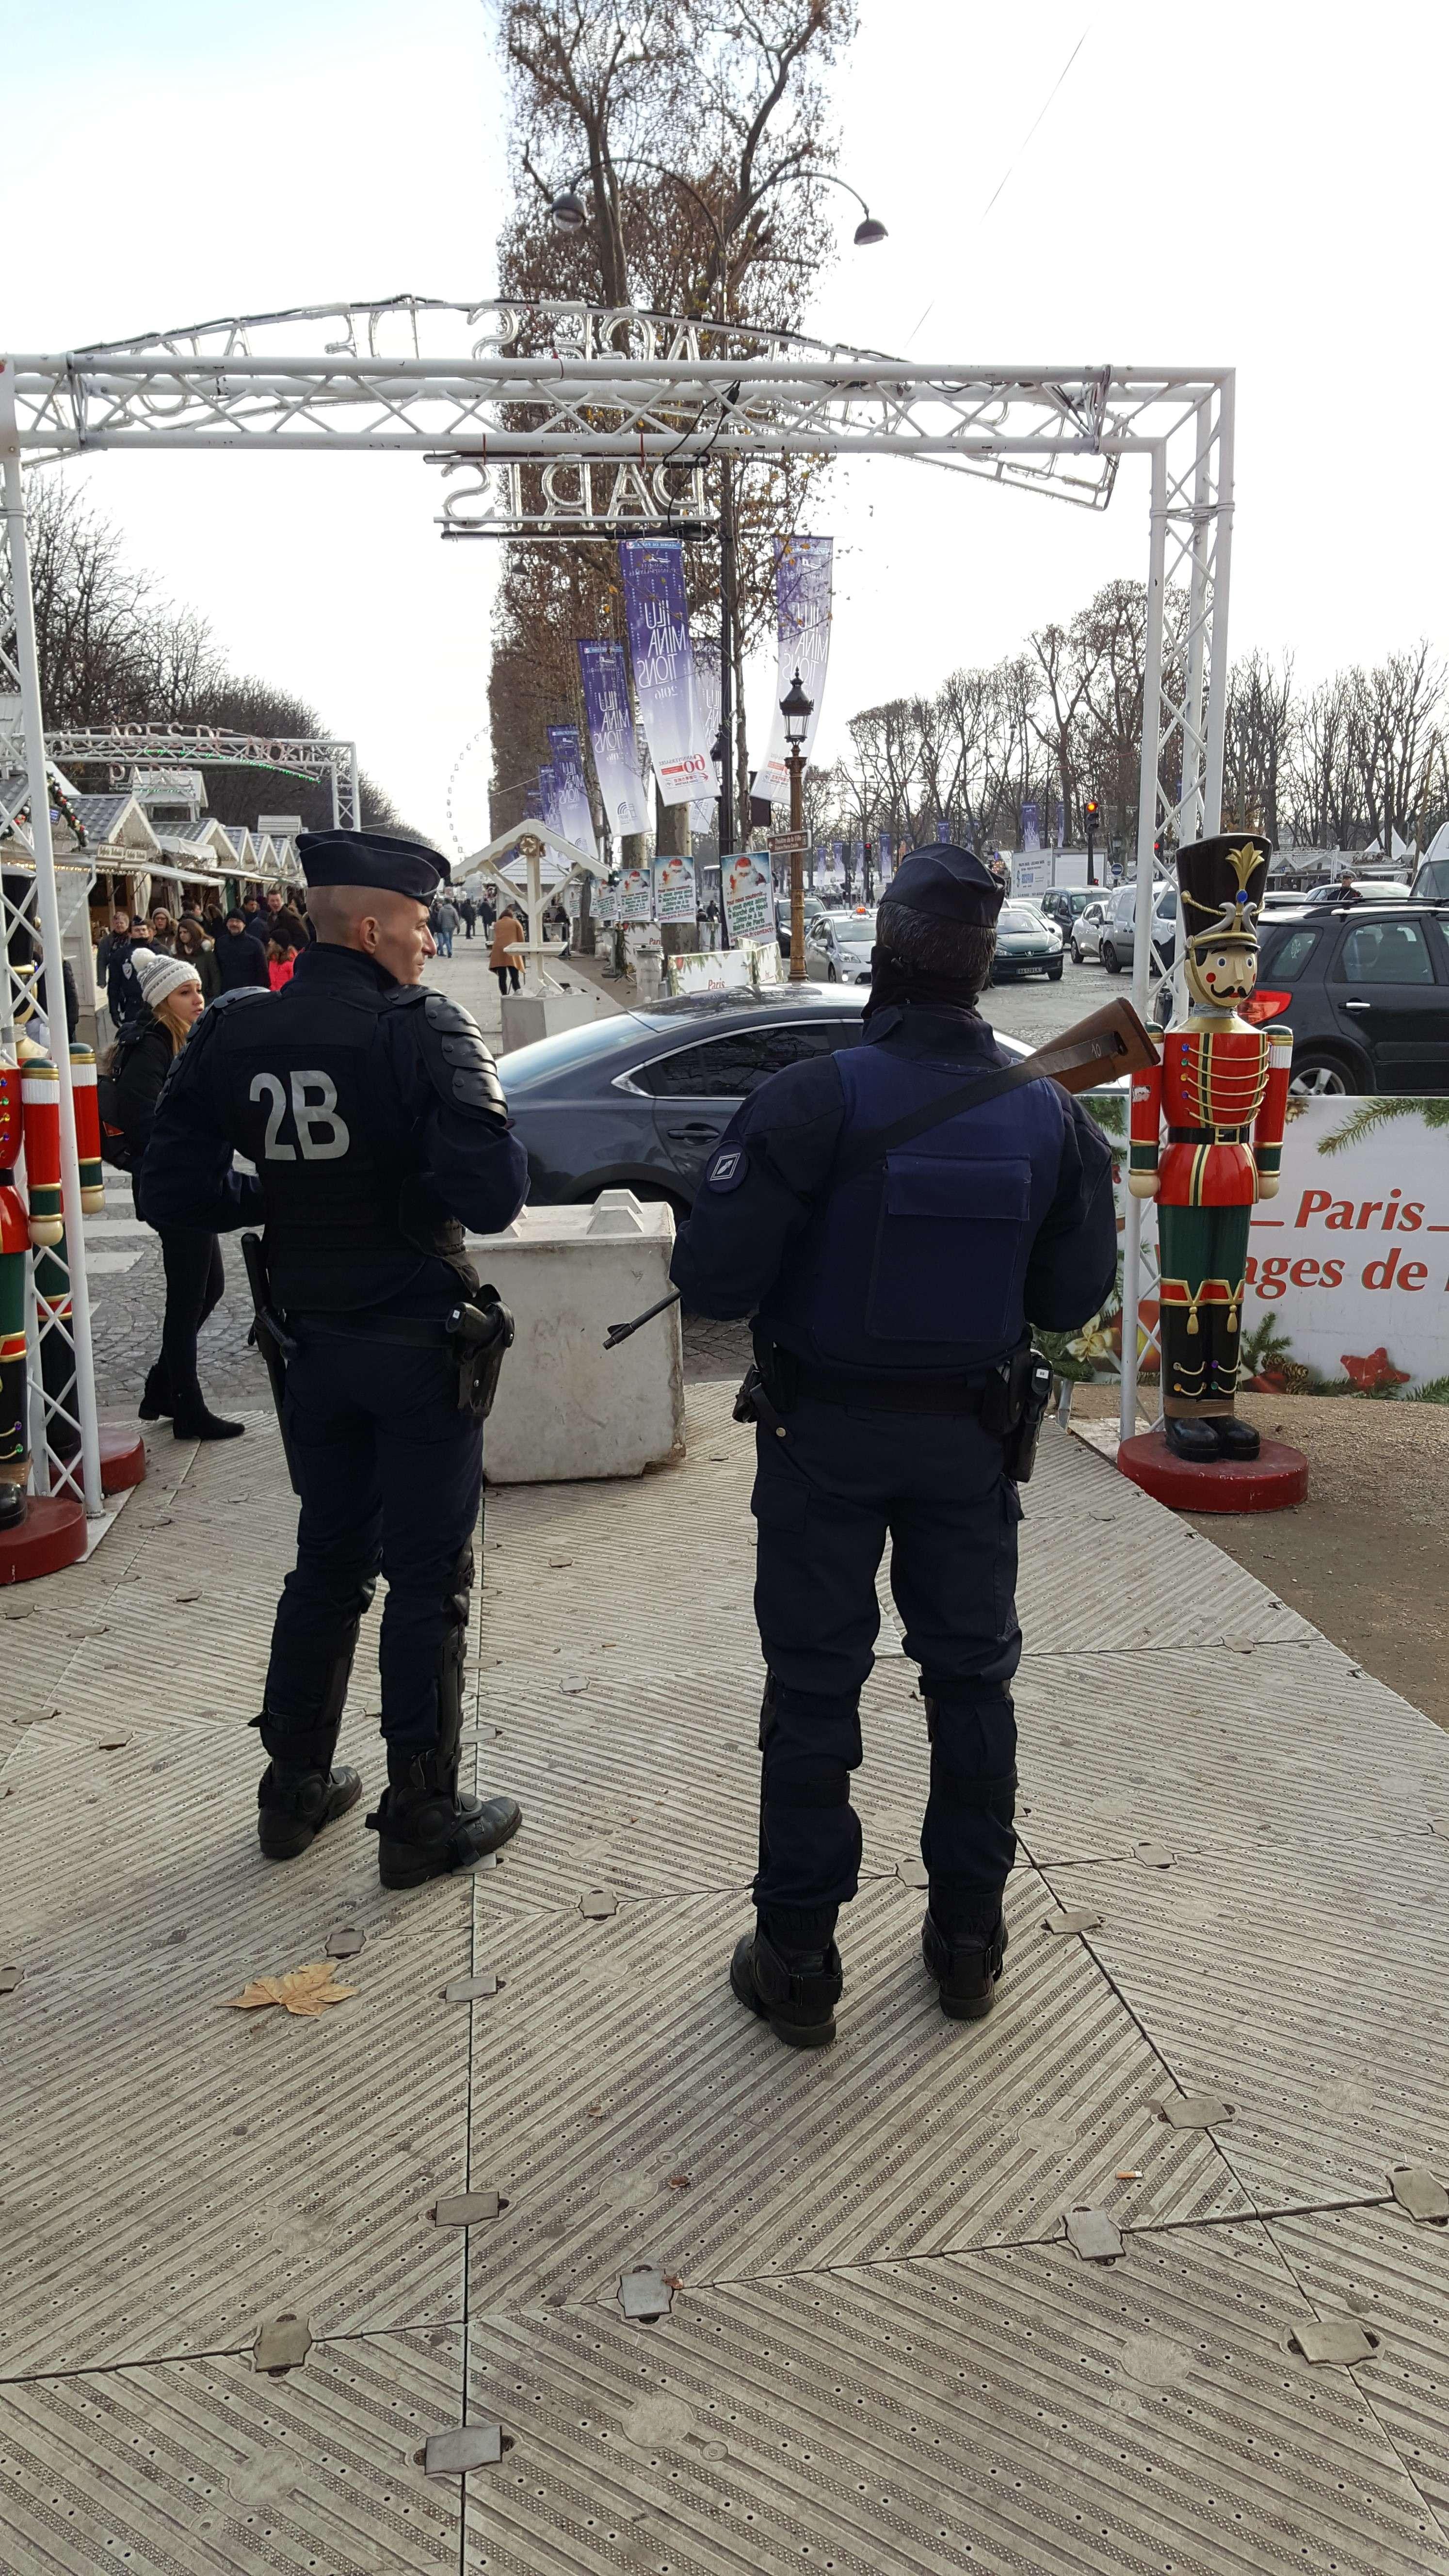 Politia, bine înarmatà, este peste tot la Târgul de Cràciun de pe Champs-Elysées